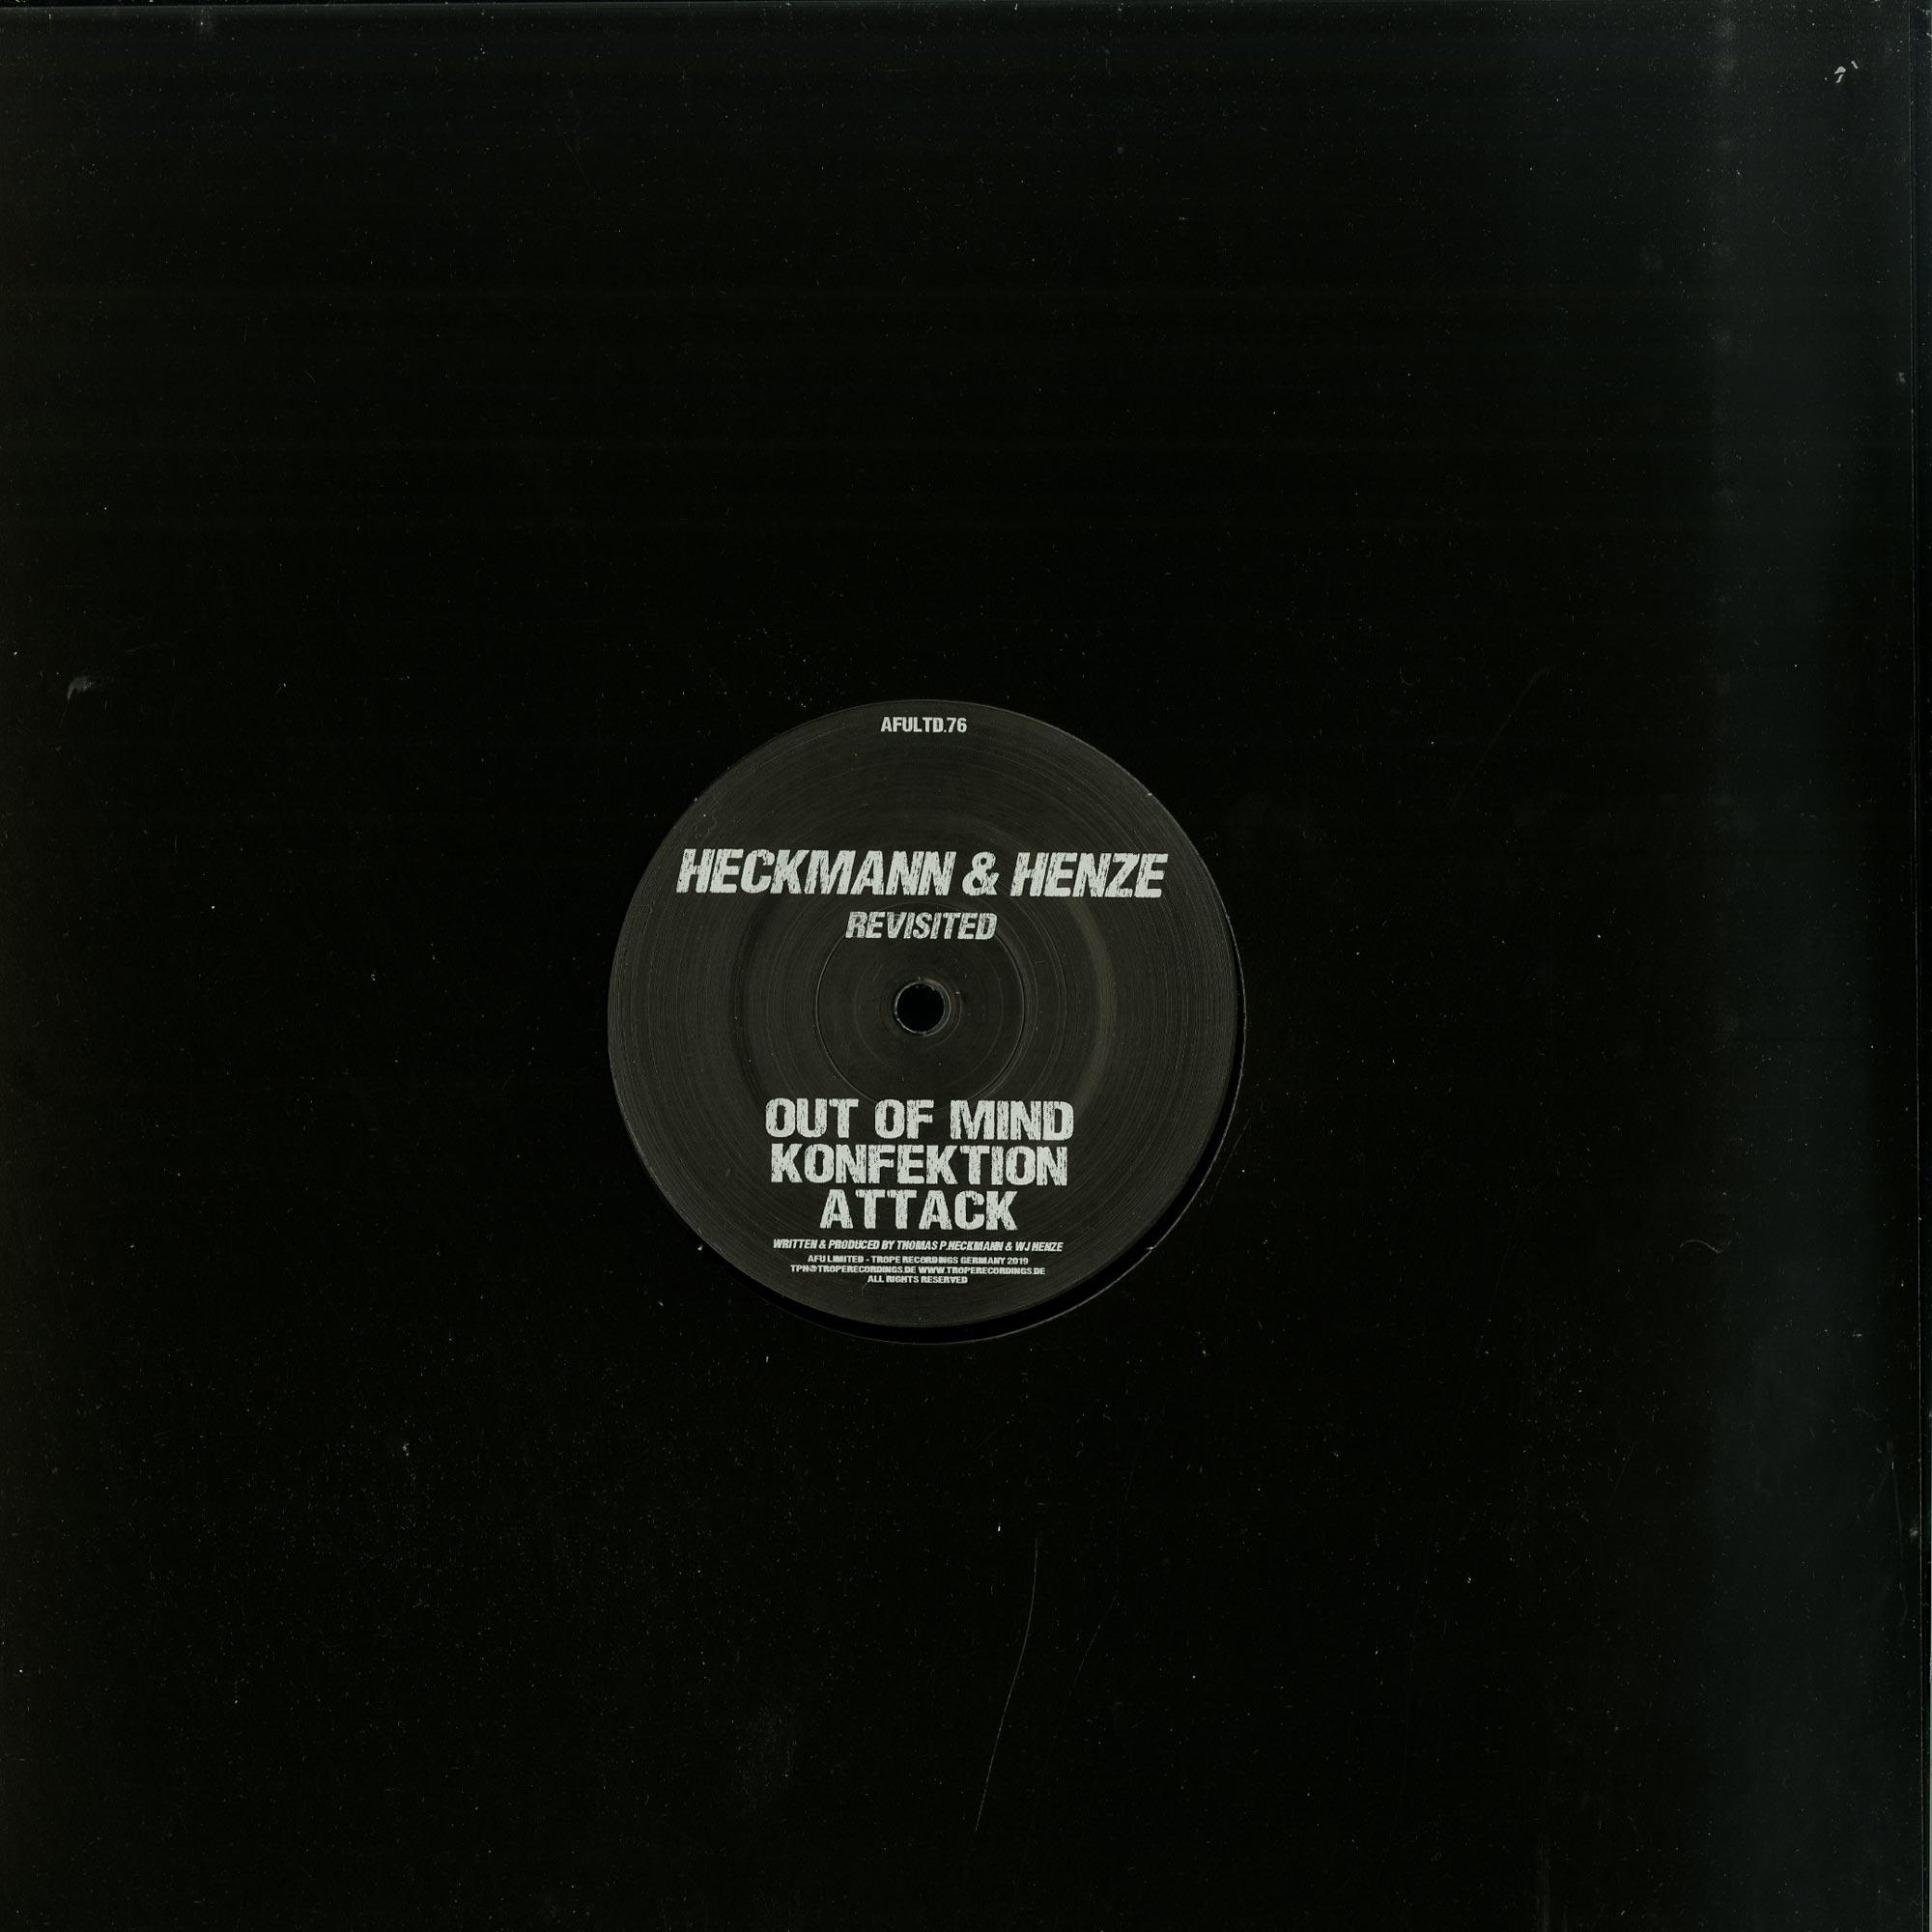 Heckmann & Henze - REVISITED